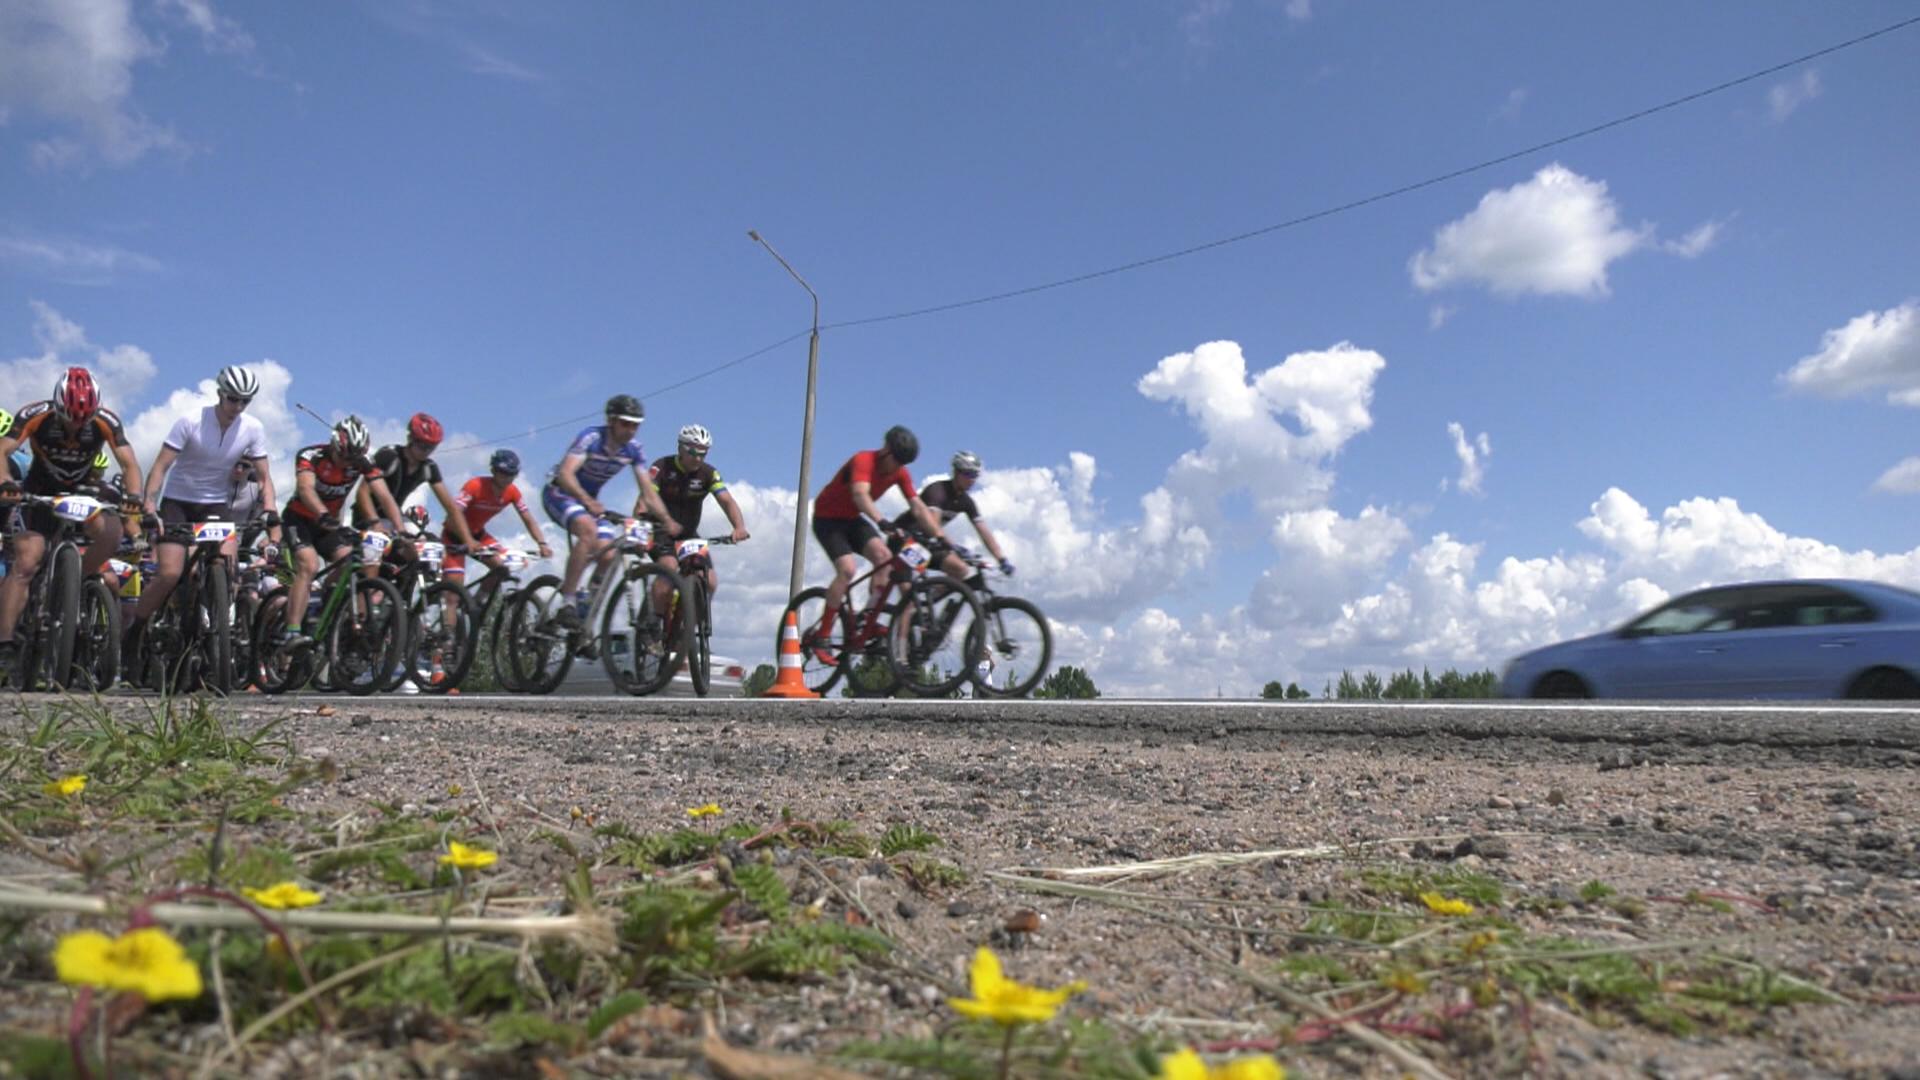 velofest - Спортивный праздник «ВелоFest у Ганны-2021». Как это было? (видео)